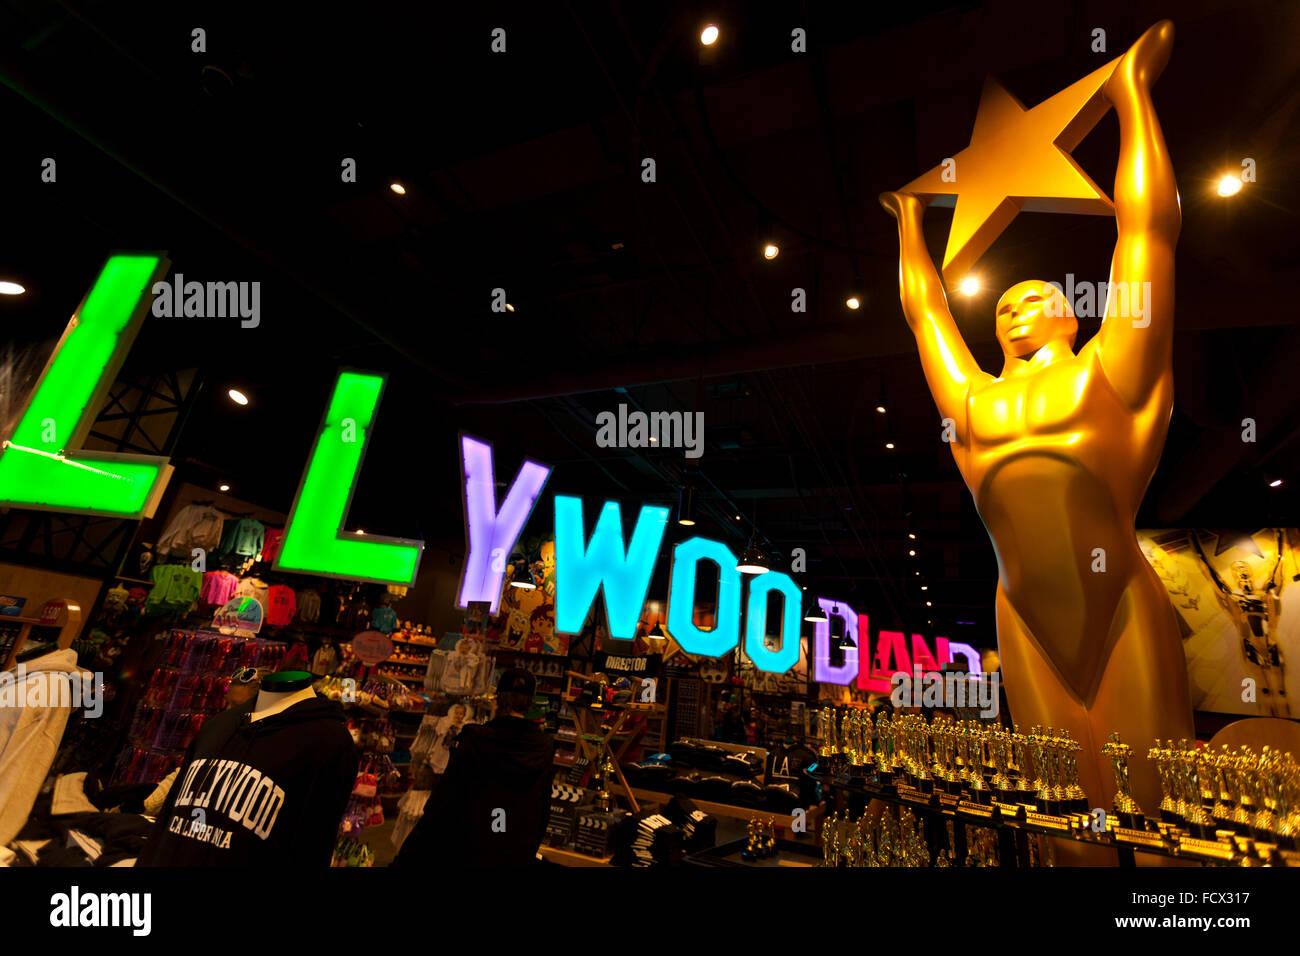 Tienda de regalos con una semejanza de la estatua de Oscar de Hollywood Boulevard, Hollywood, Los Ángeles, Imagen De Stock